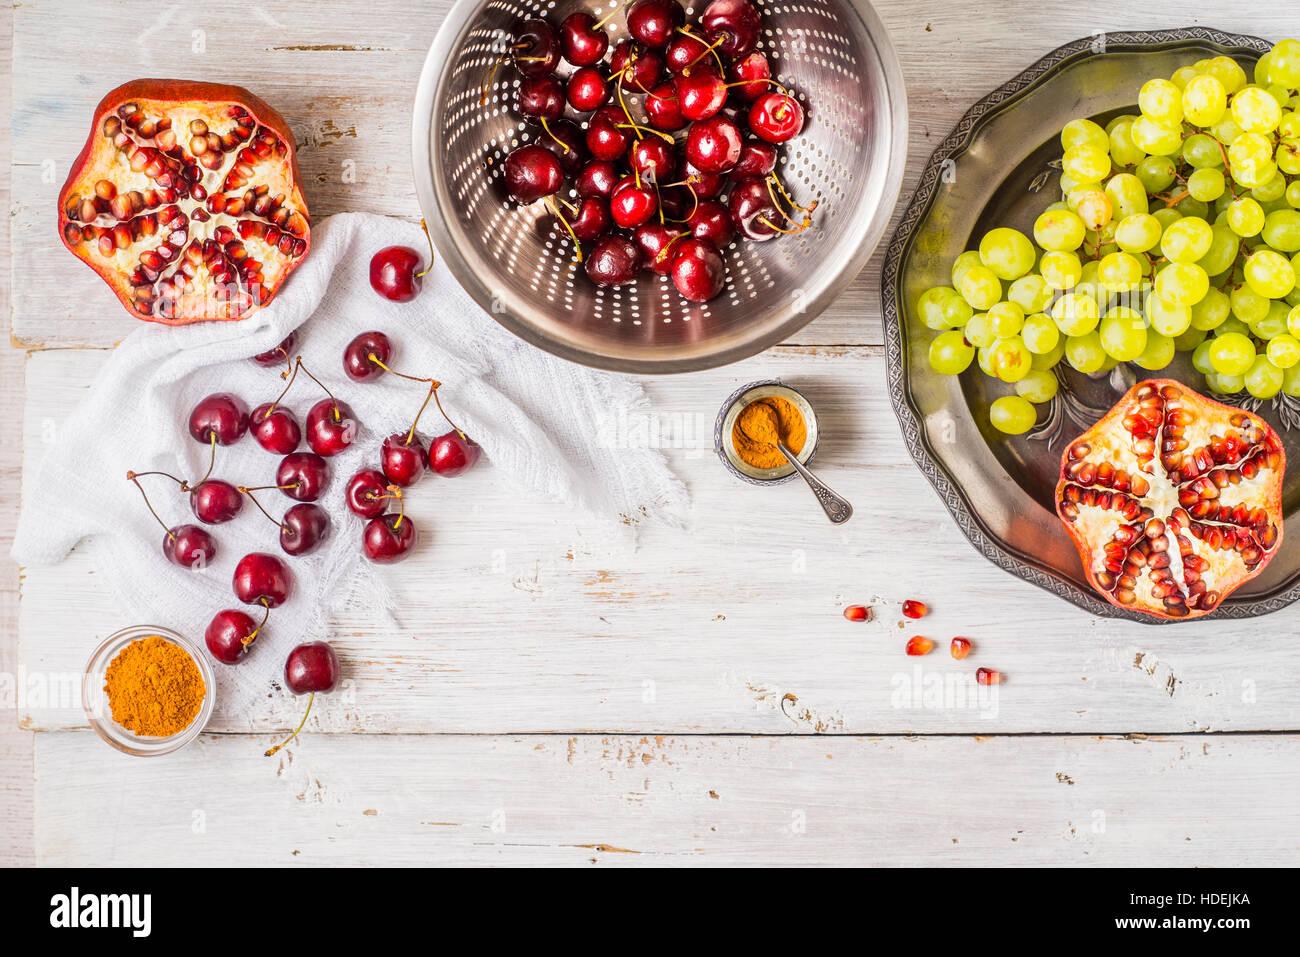 Diferentes frutas y especias en la mesa de madera blanca. Concepto de frutas orientales horizontal Imagen De Stock